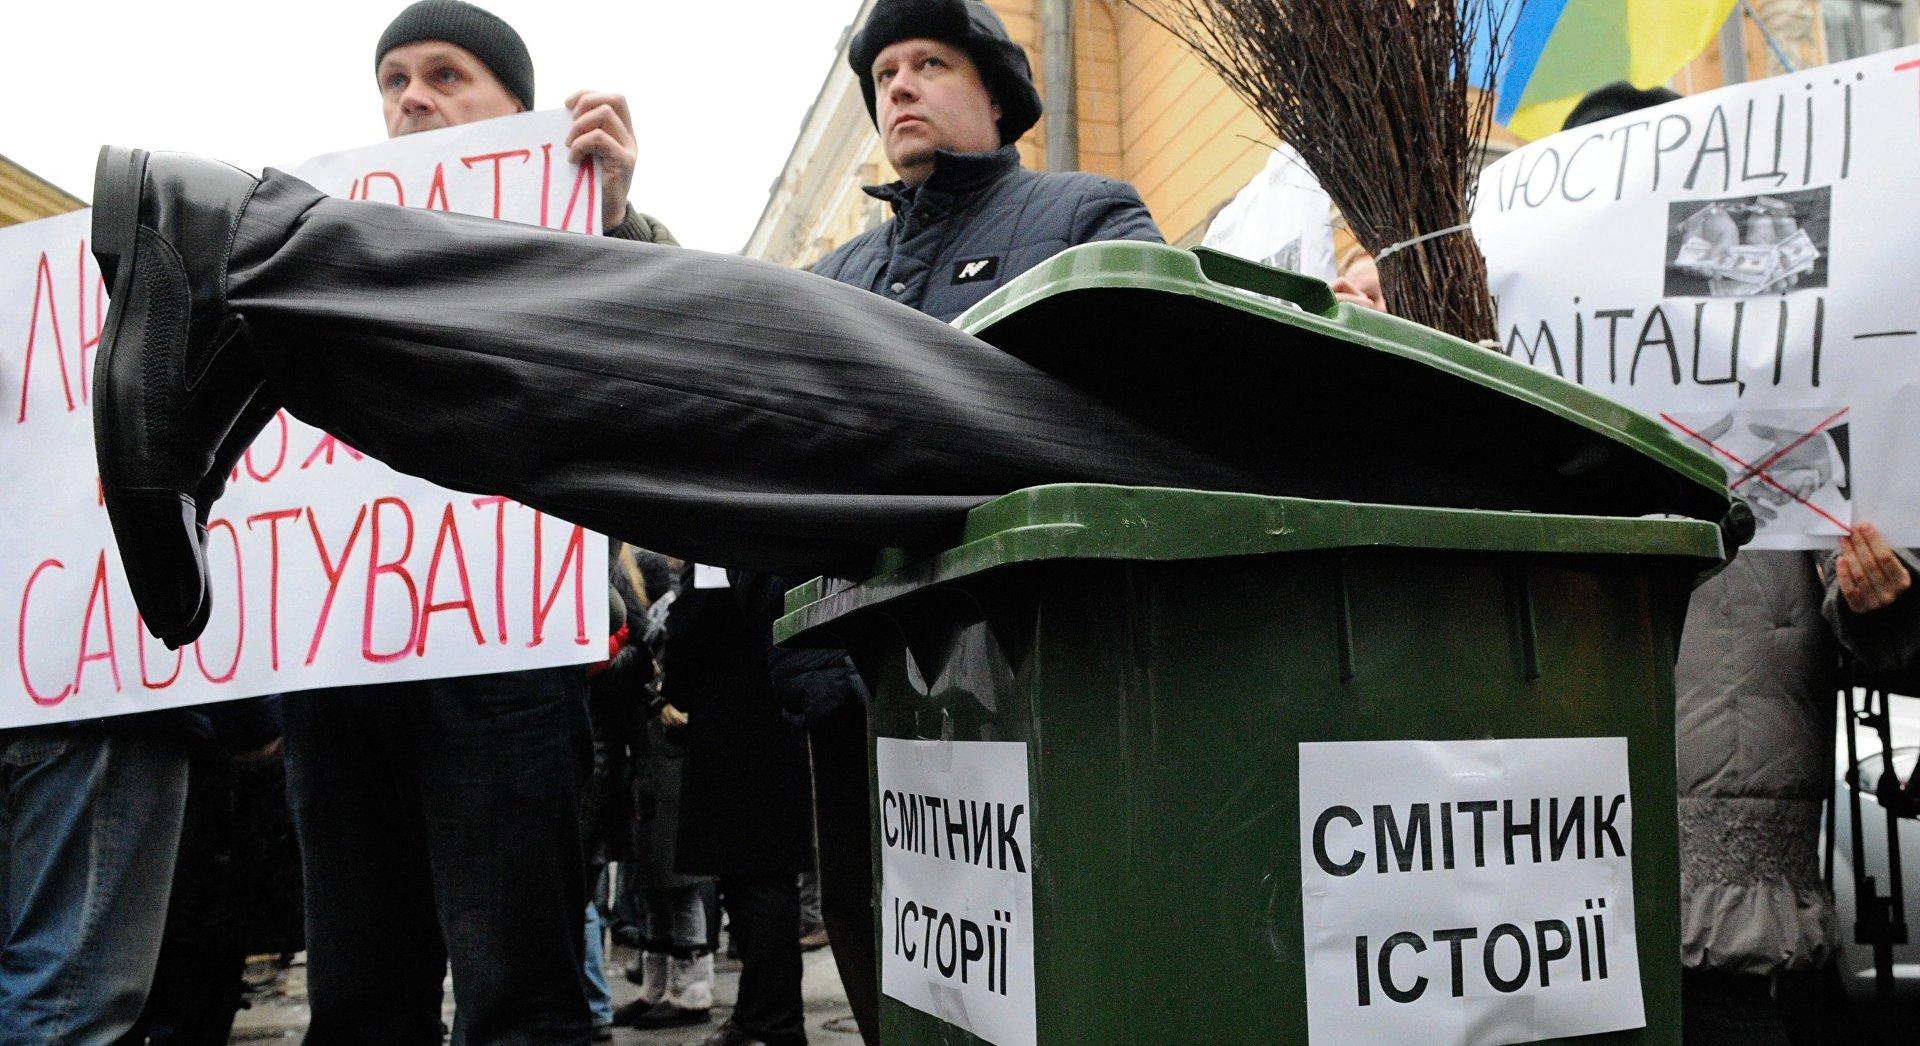 http://ukraina.ru/images/101188/61/1011886115.jpg